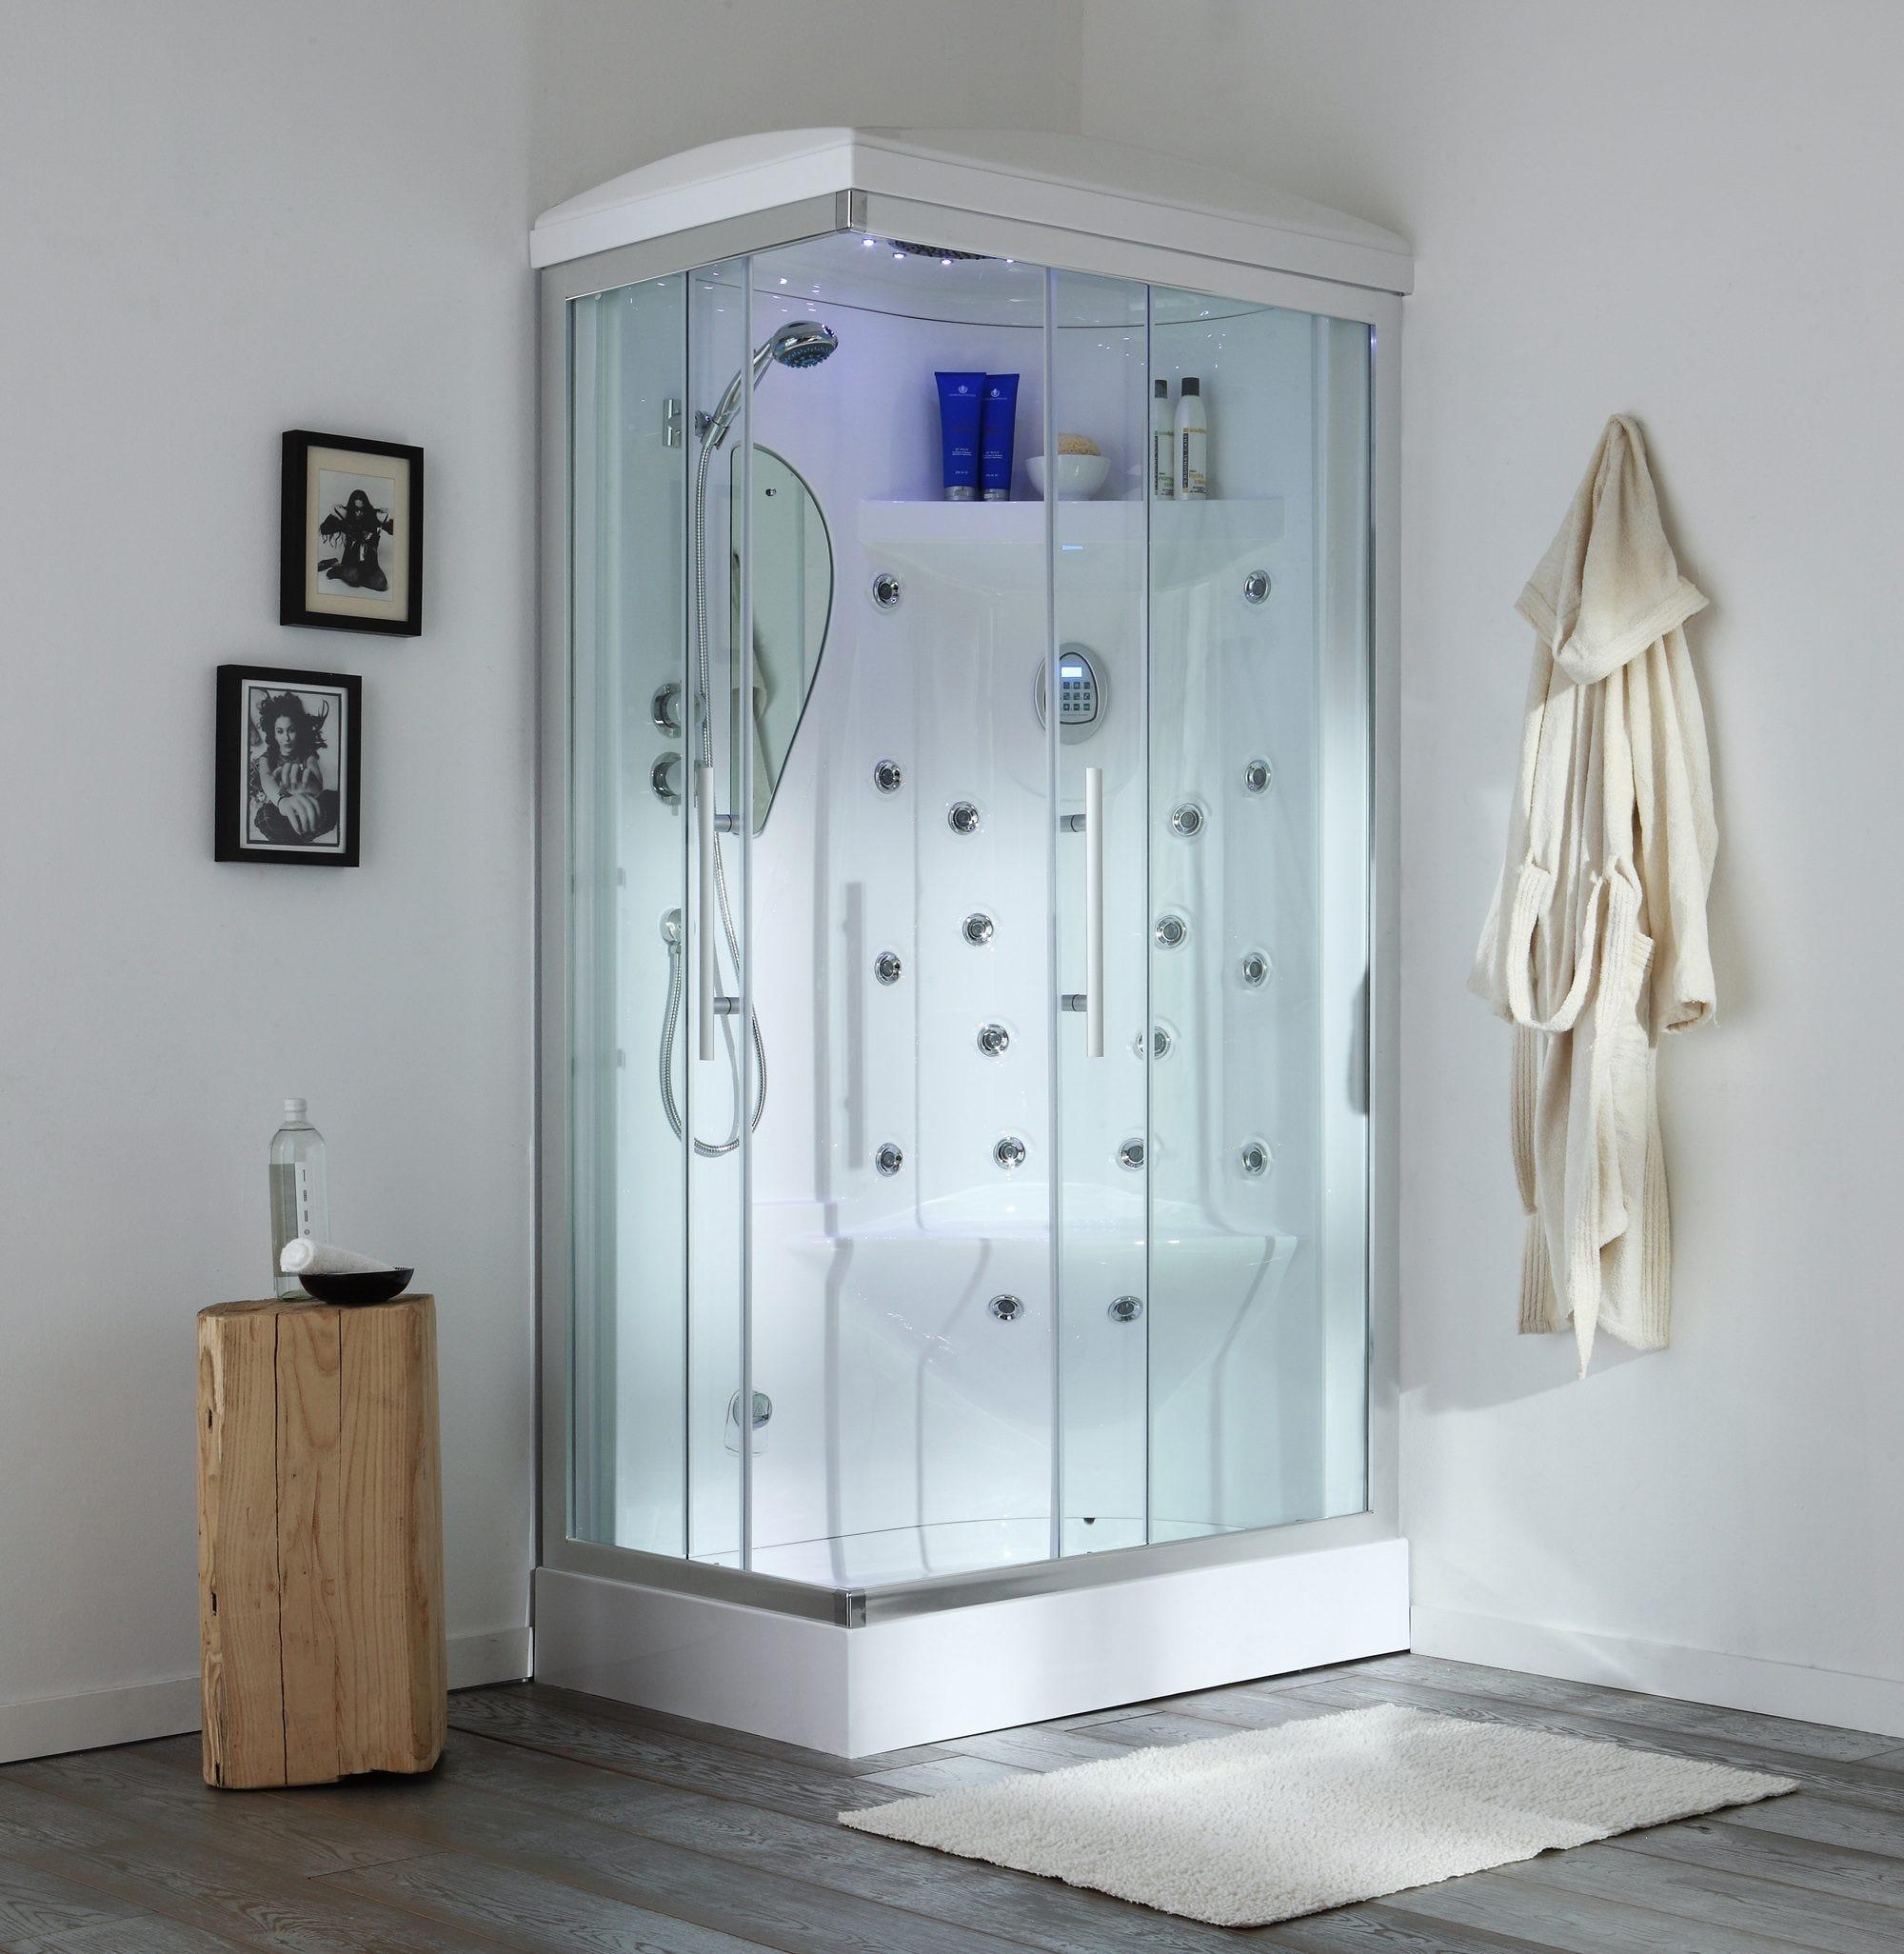 Cabina doccia con sauna e idromassaggio 70 x 110 cm iride destra alta qualit ebay - Cabina doccia sauna ...